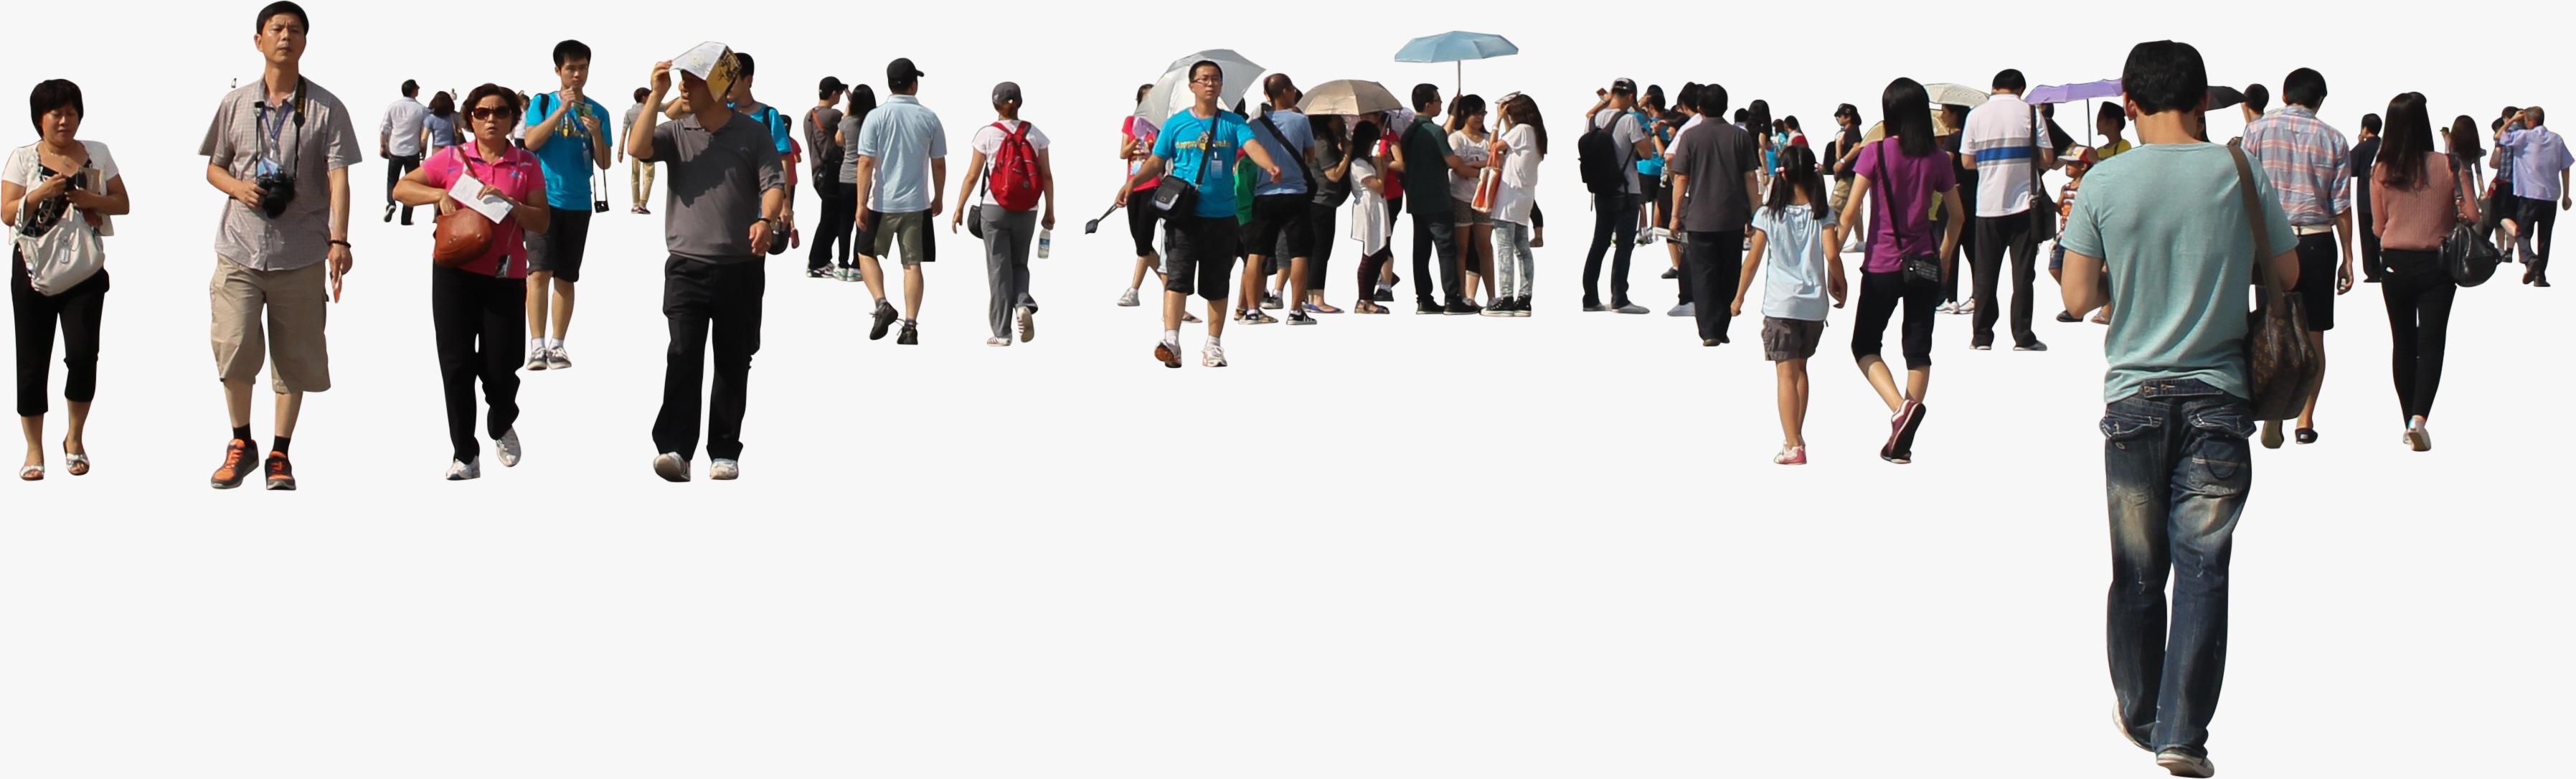 Asian Crowd Walking Png